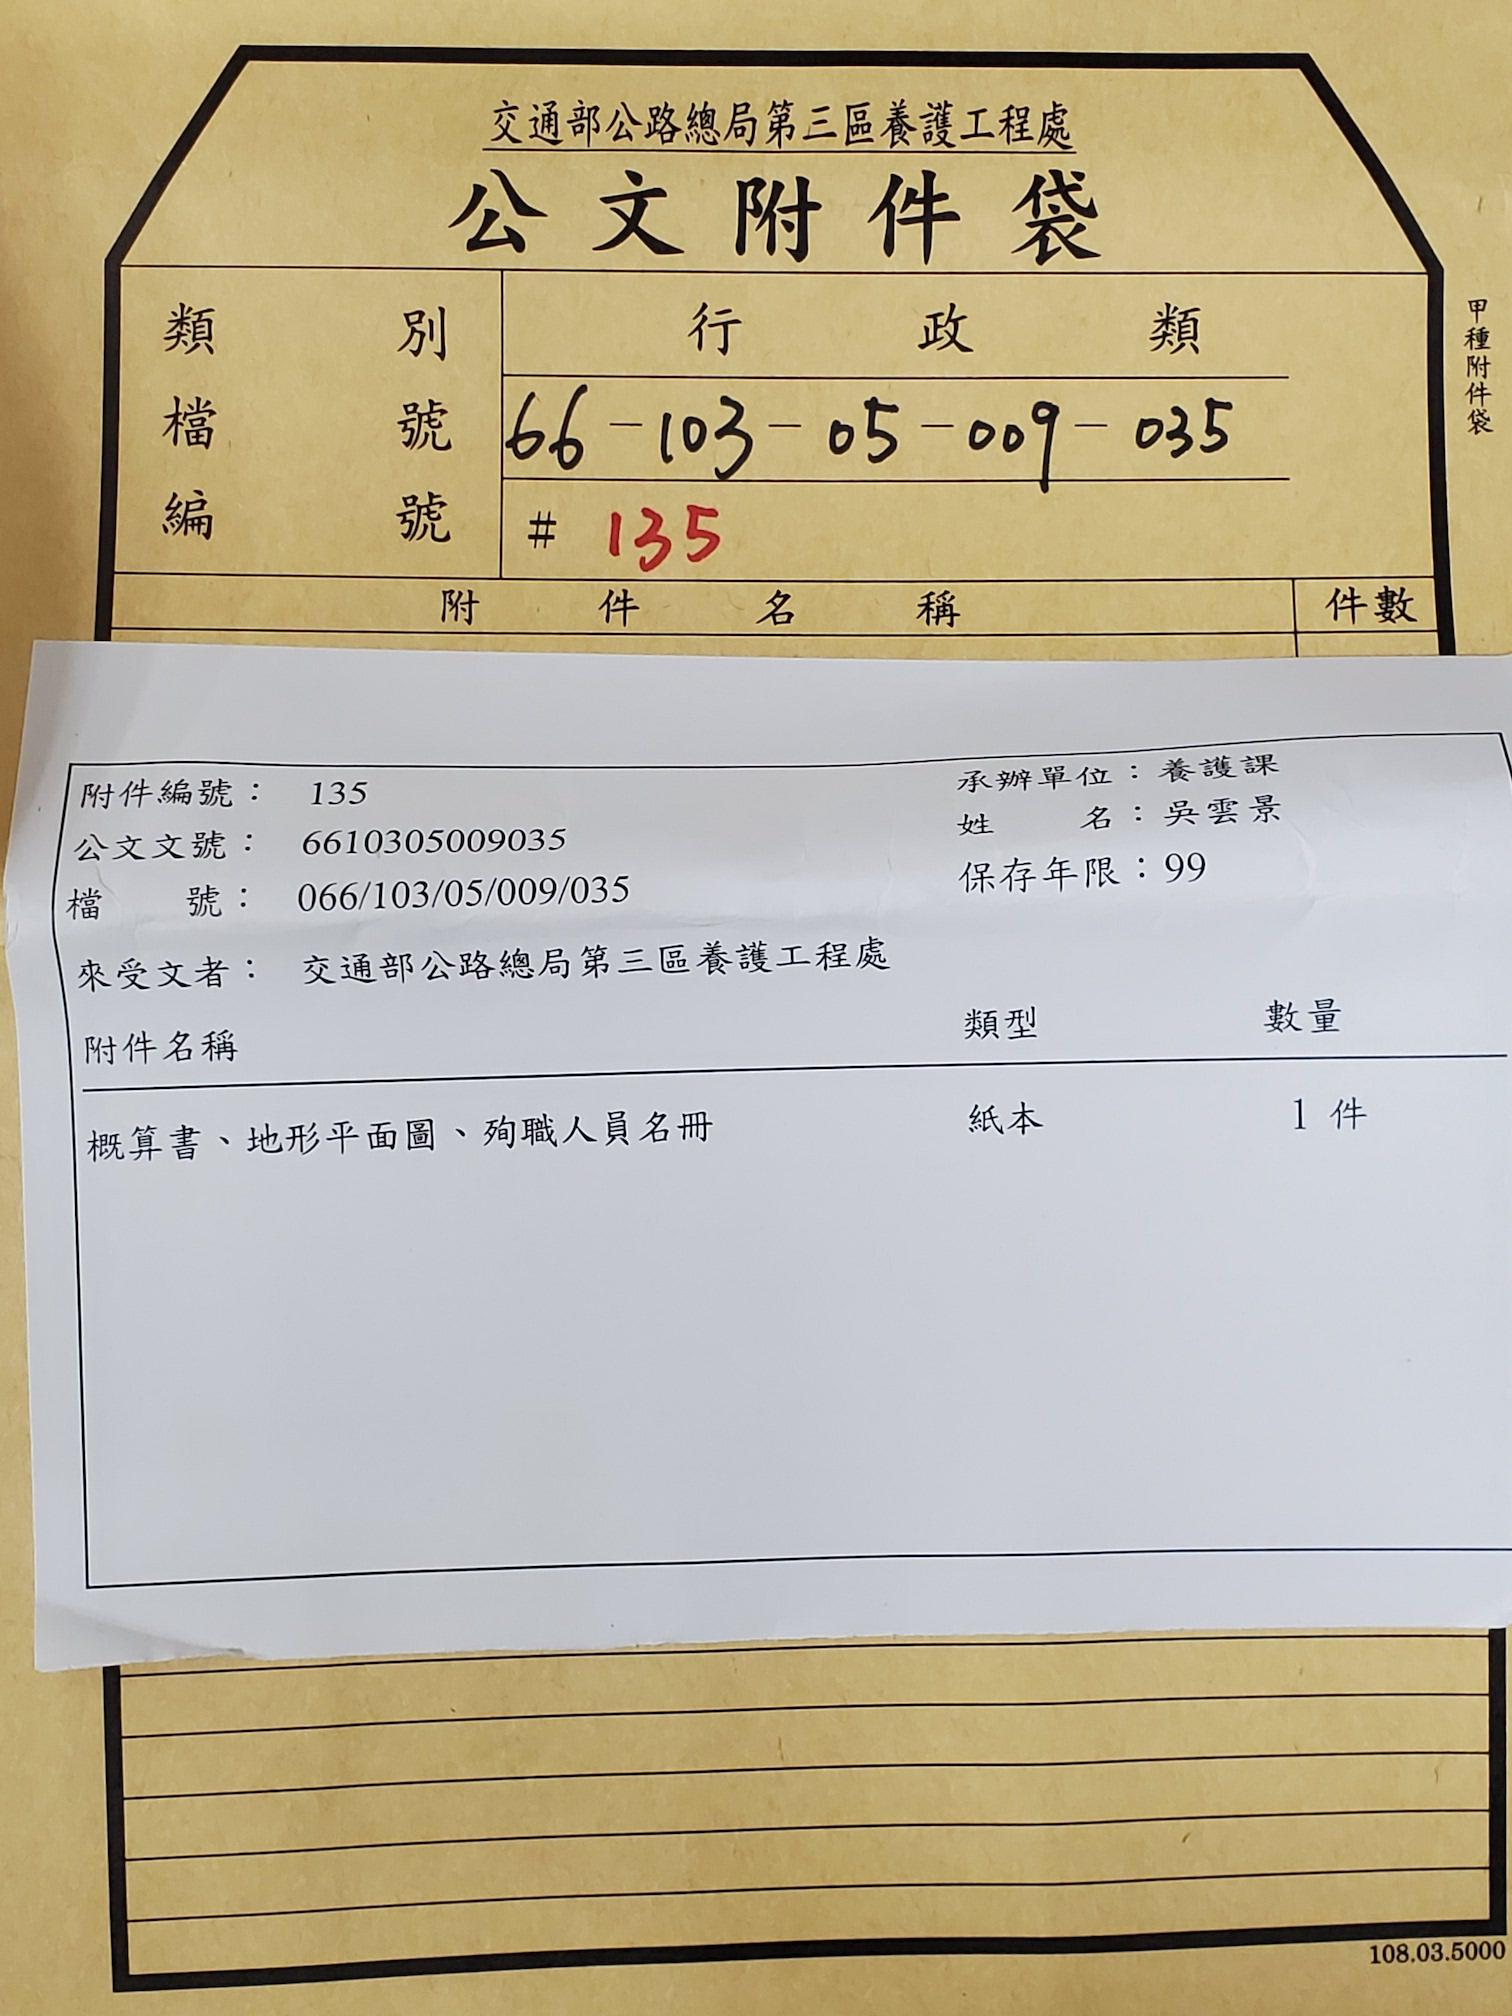 圖11 附件標示相關資訊